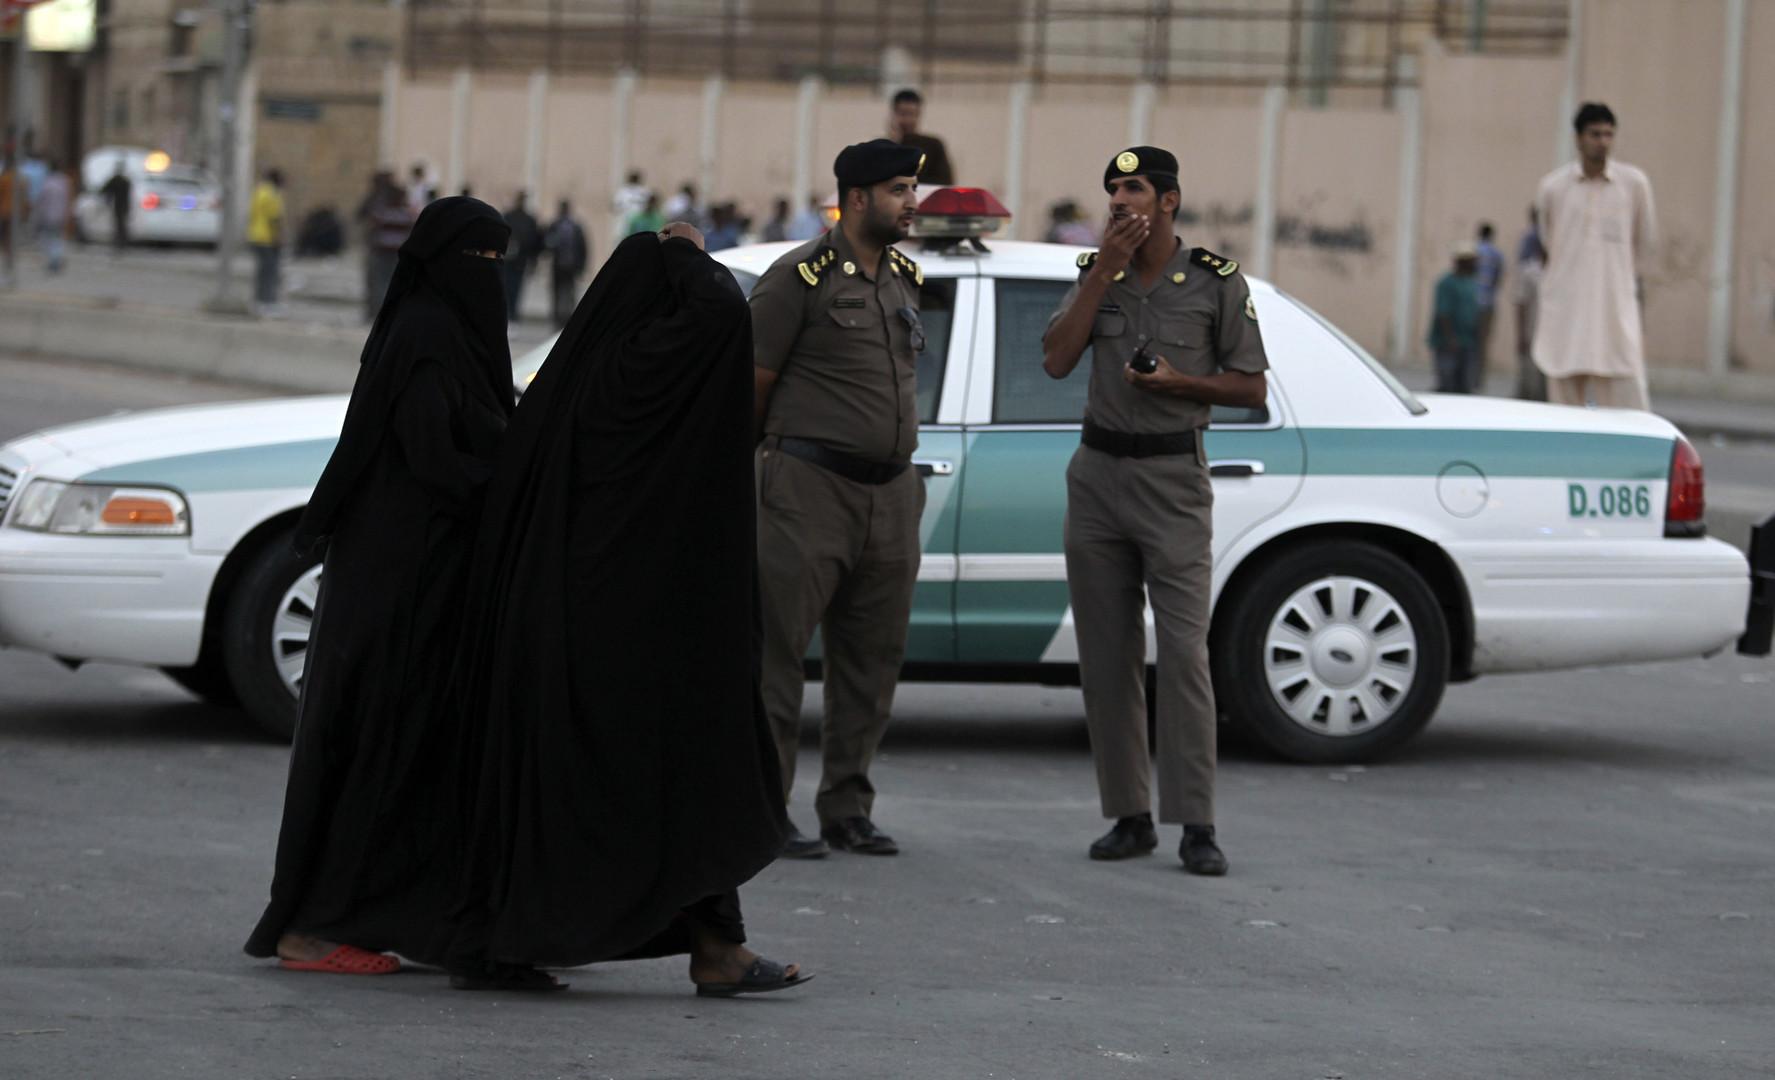 صحيفة أمريكية: السعودية بصدد تعديل نظام الوصاية لمنح المرأة حرية السفر